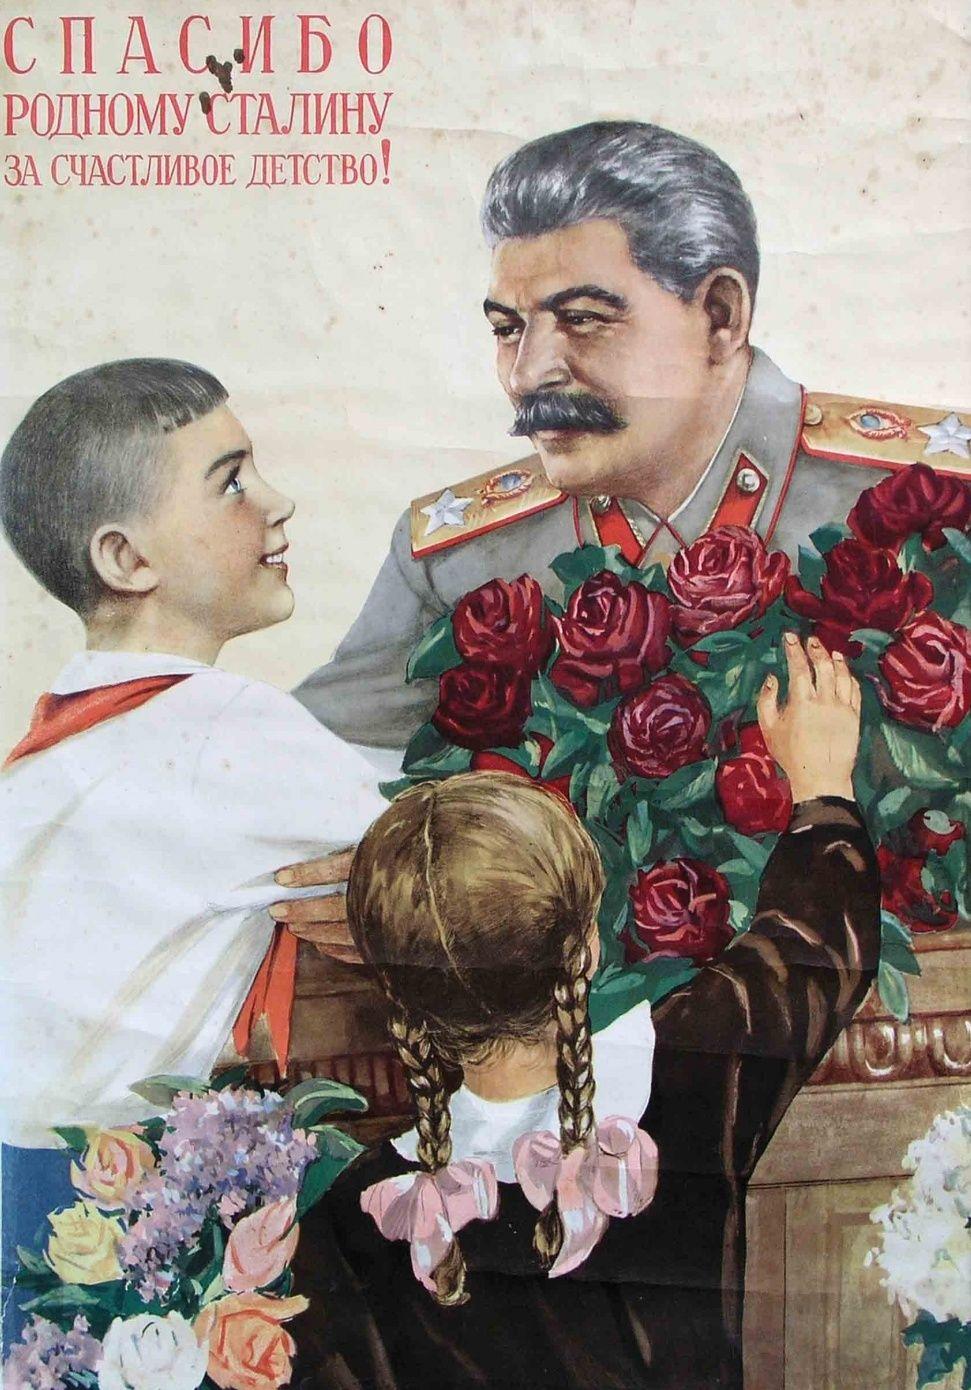 """""""Dziękujemy drogiemu Stalinowi za szczęśliwe dzieciństwo"""""""